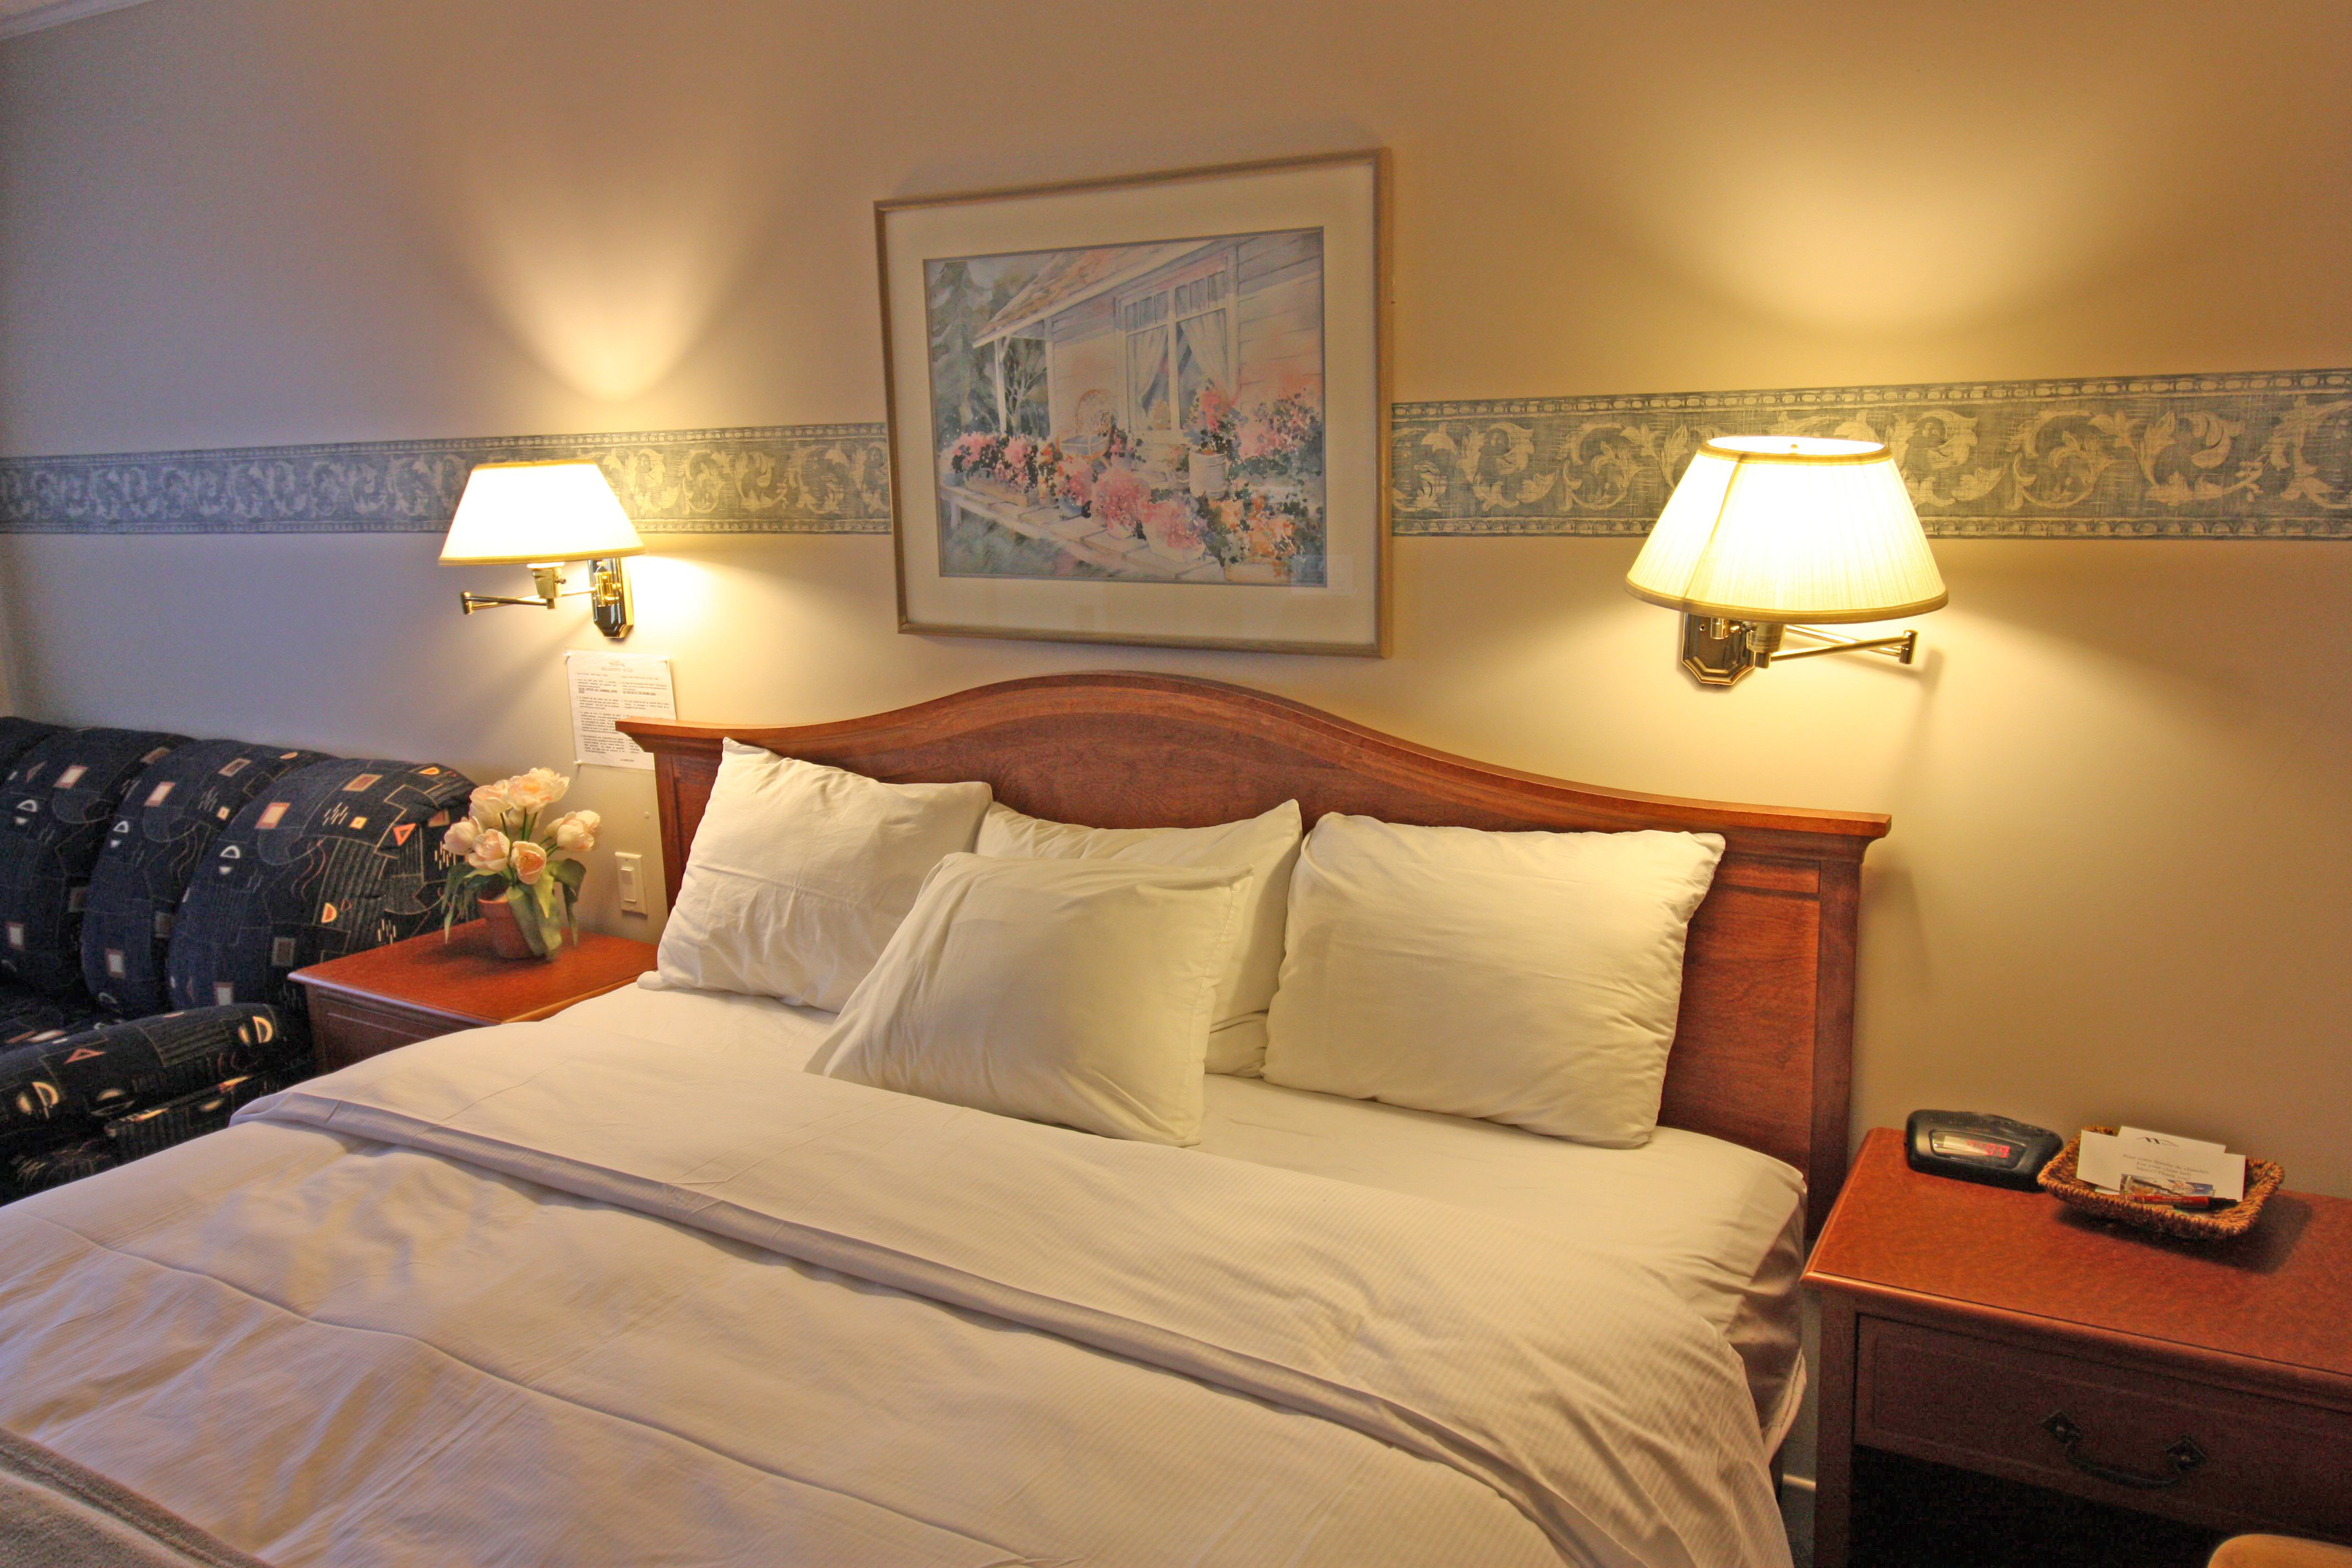 Room, suite and double Jacuzzi - Motel Le Jolibourg, Saint-Sauveur ...